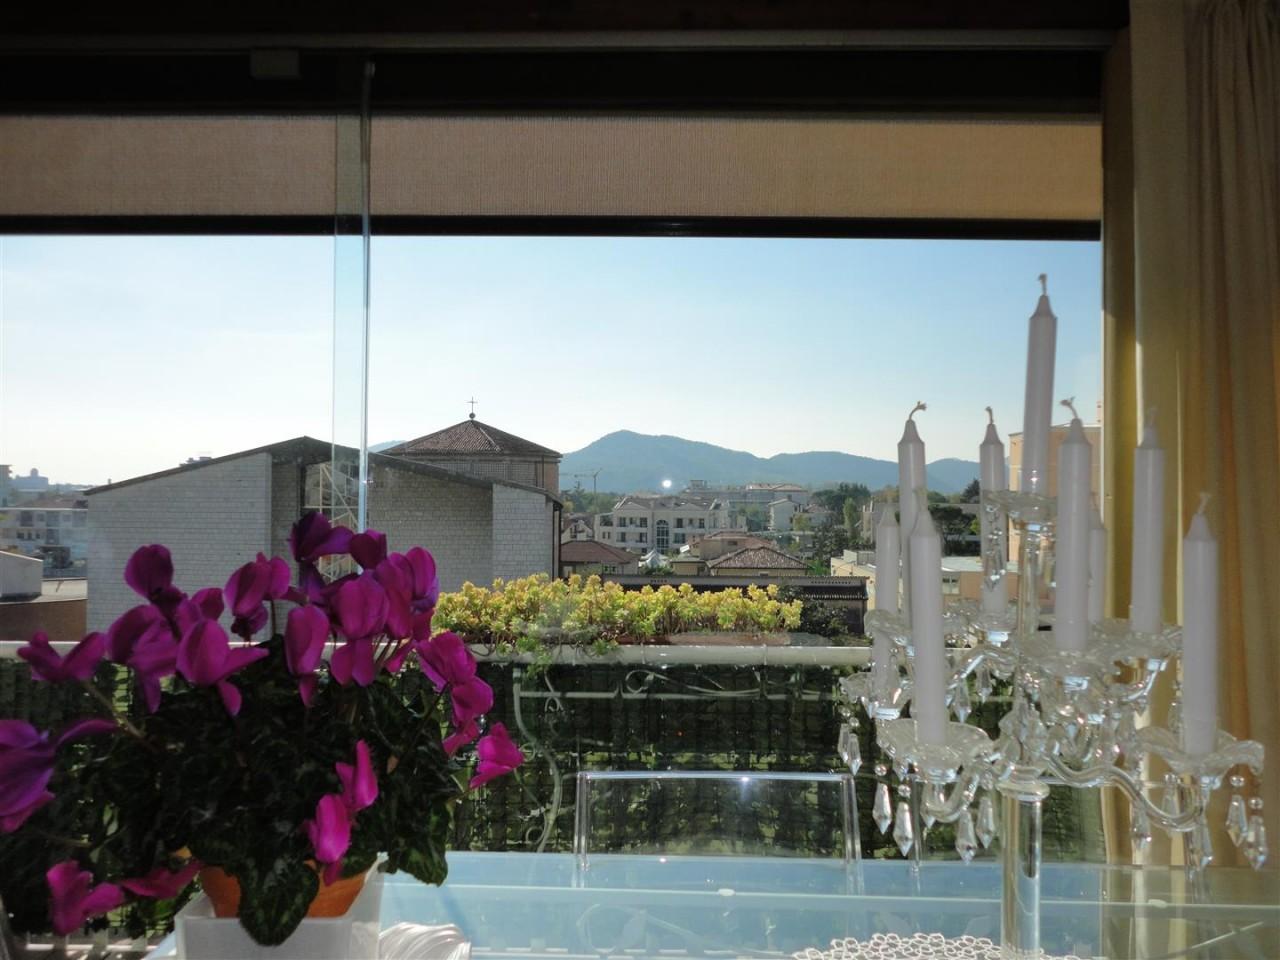 Attico con favolosa terrazza abitabile ad Abano Terme https://media.gestionaleimmobiliare.it/foto/annunci/141201/735644/1280x1280/010__dsc07001_large.jpg